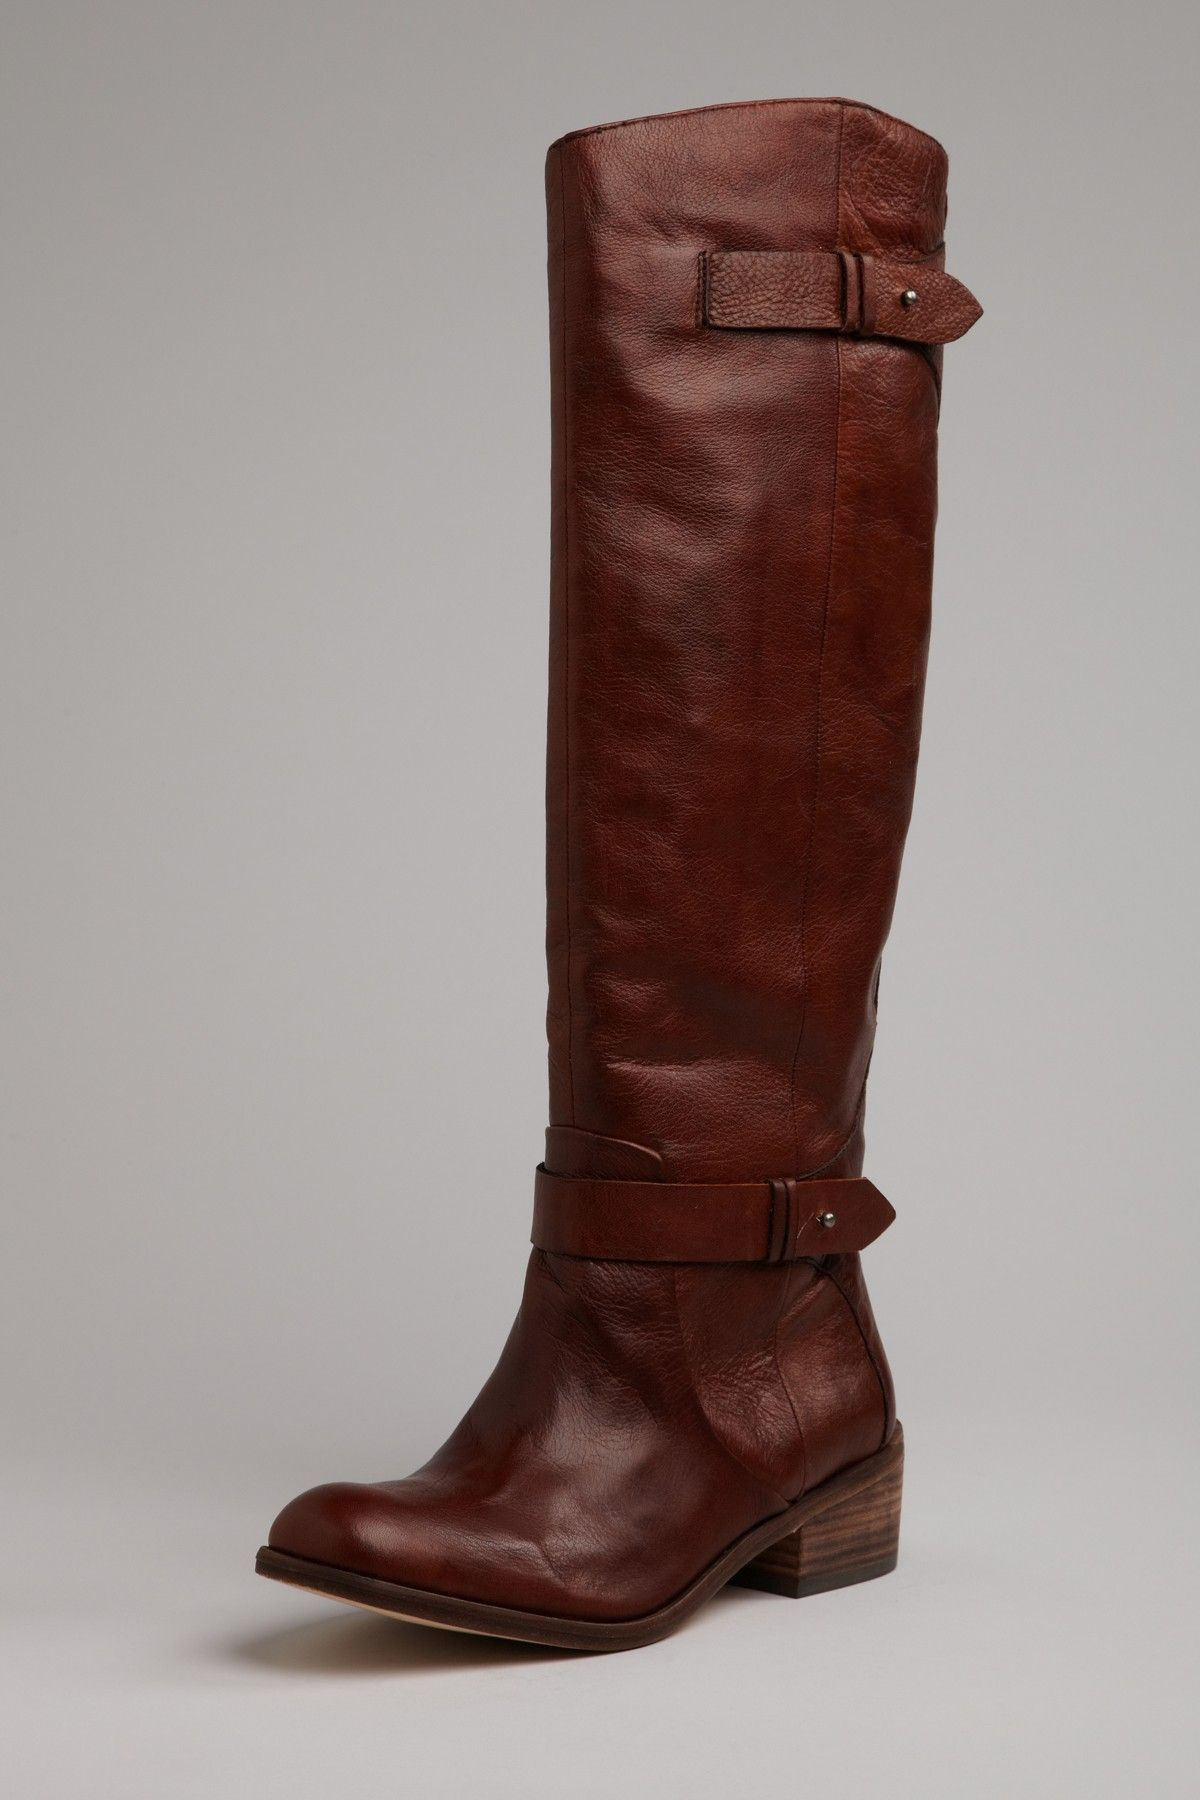 7191dce1 Cute Boots Locura, Tacones, Sandalias, Botas, Botas Bonitas, Armario  Perfecto,